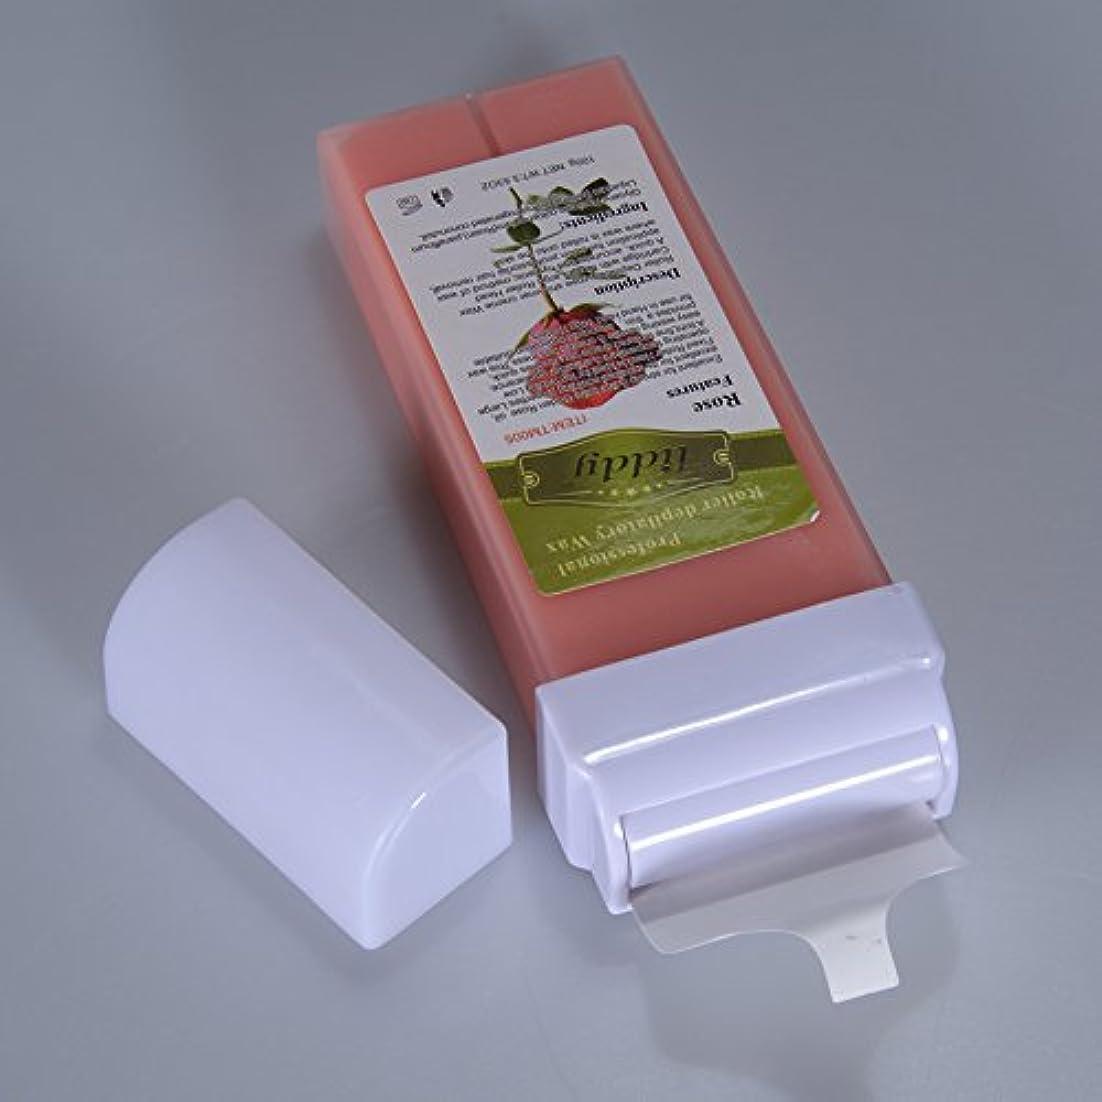 反論の面では談話Rabugoo 脱毛プロフェッショナル使用水溶性脱毛砂糖ワックスカートリッジワックスグッドスメル - 100g / 3.53oz 100g rose